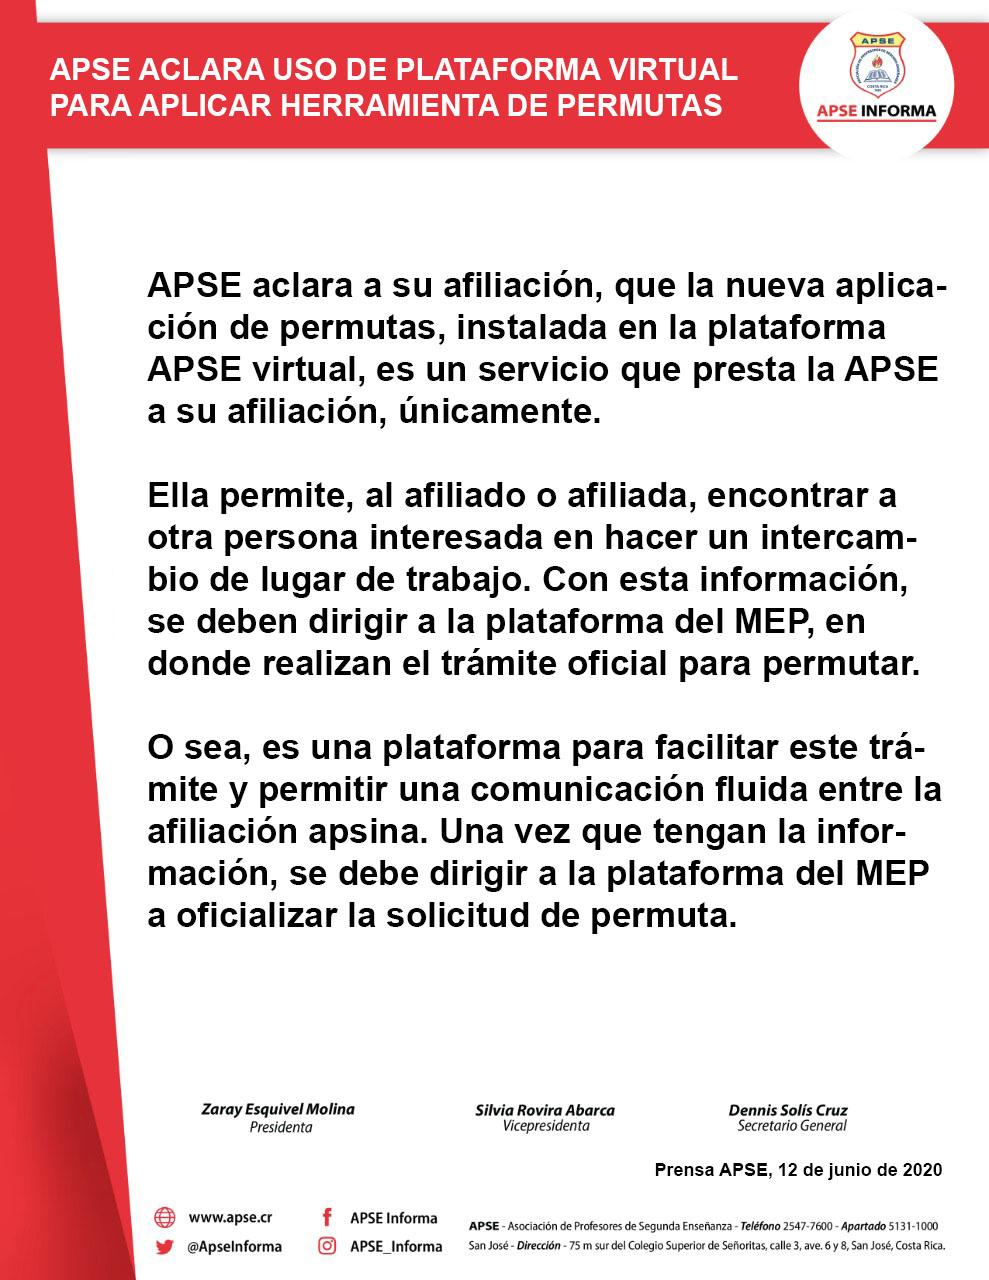 APSE ACLARA USO DE PLATAFORMA VIRTUAL PARA APLICAR HERRAMIENTA DE PERMUTAS